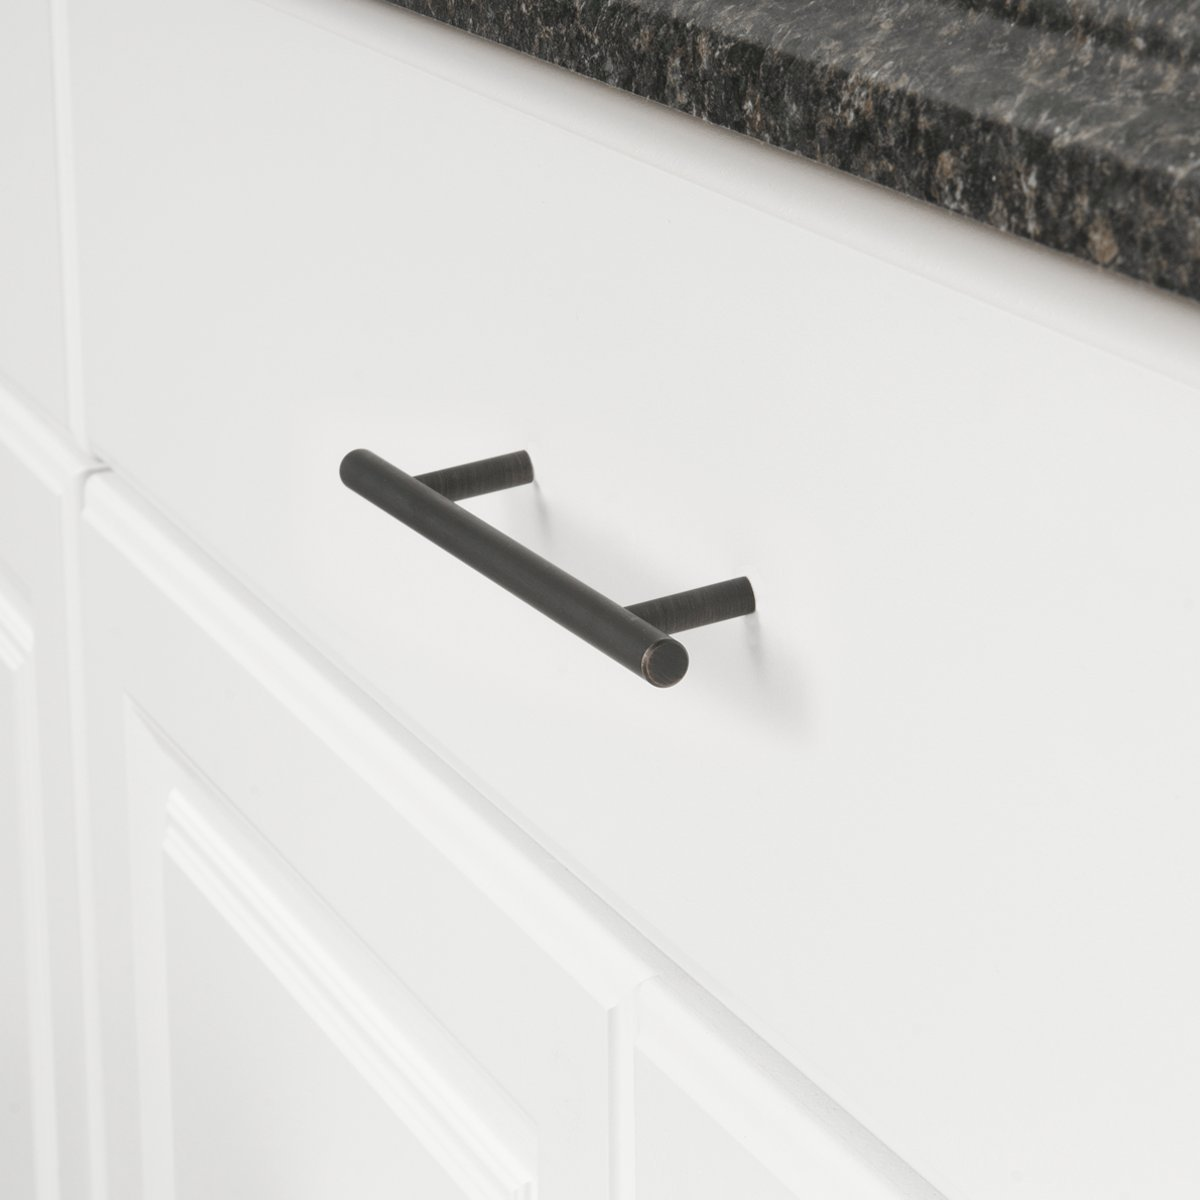 espacement des trous de 16,02 cm Longueur/: 22,07 cm Nickel satin/é Basics Lot de 10 poign/ées de placard Barres style europ/éen diam/ètre de 9,5/mm